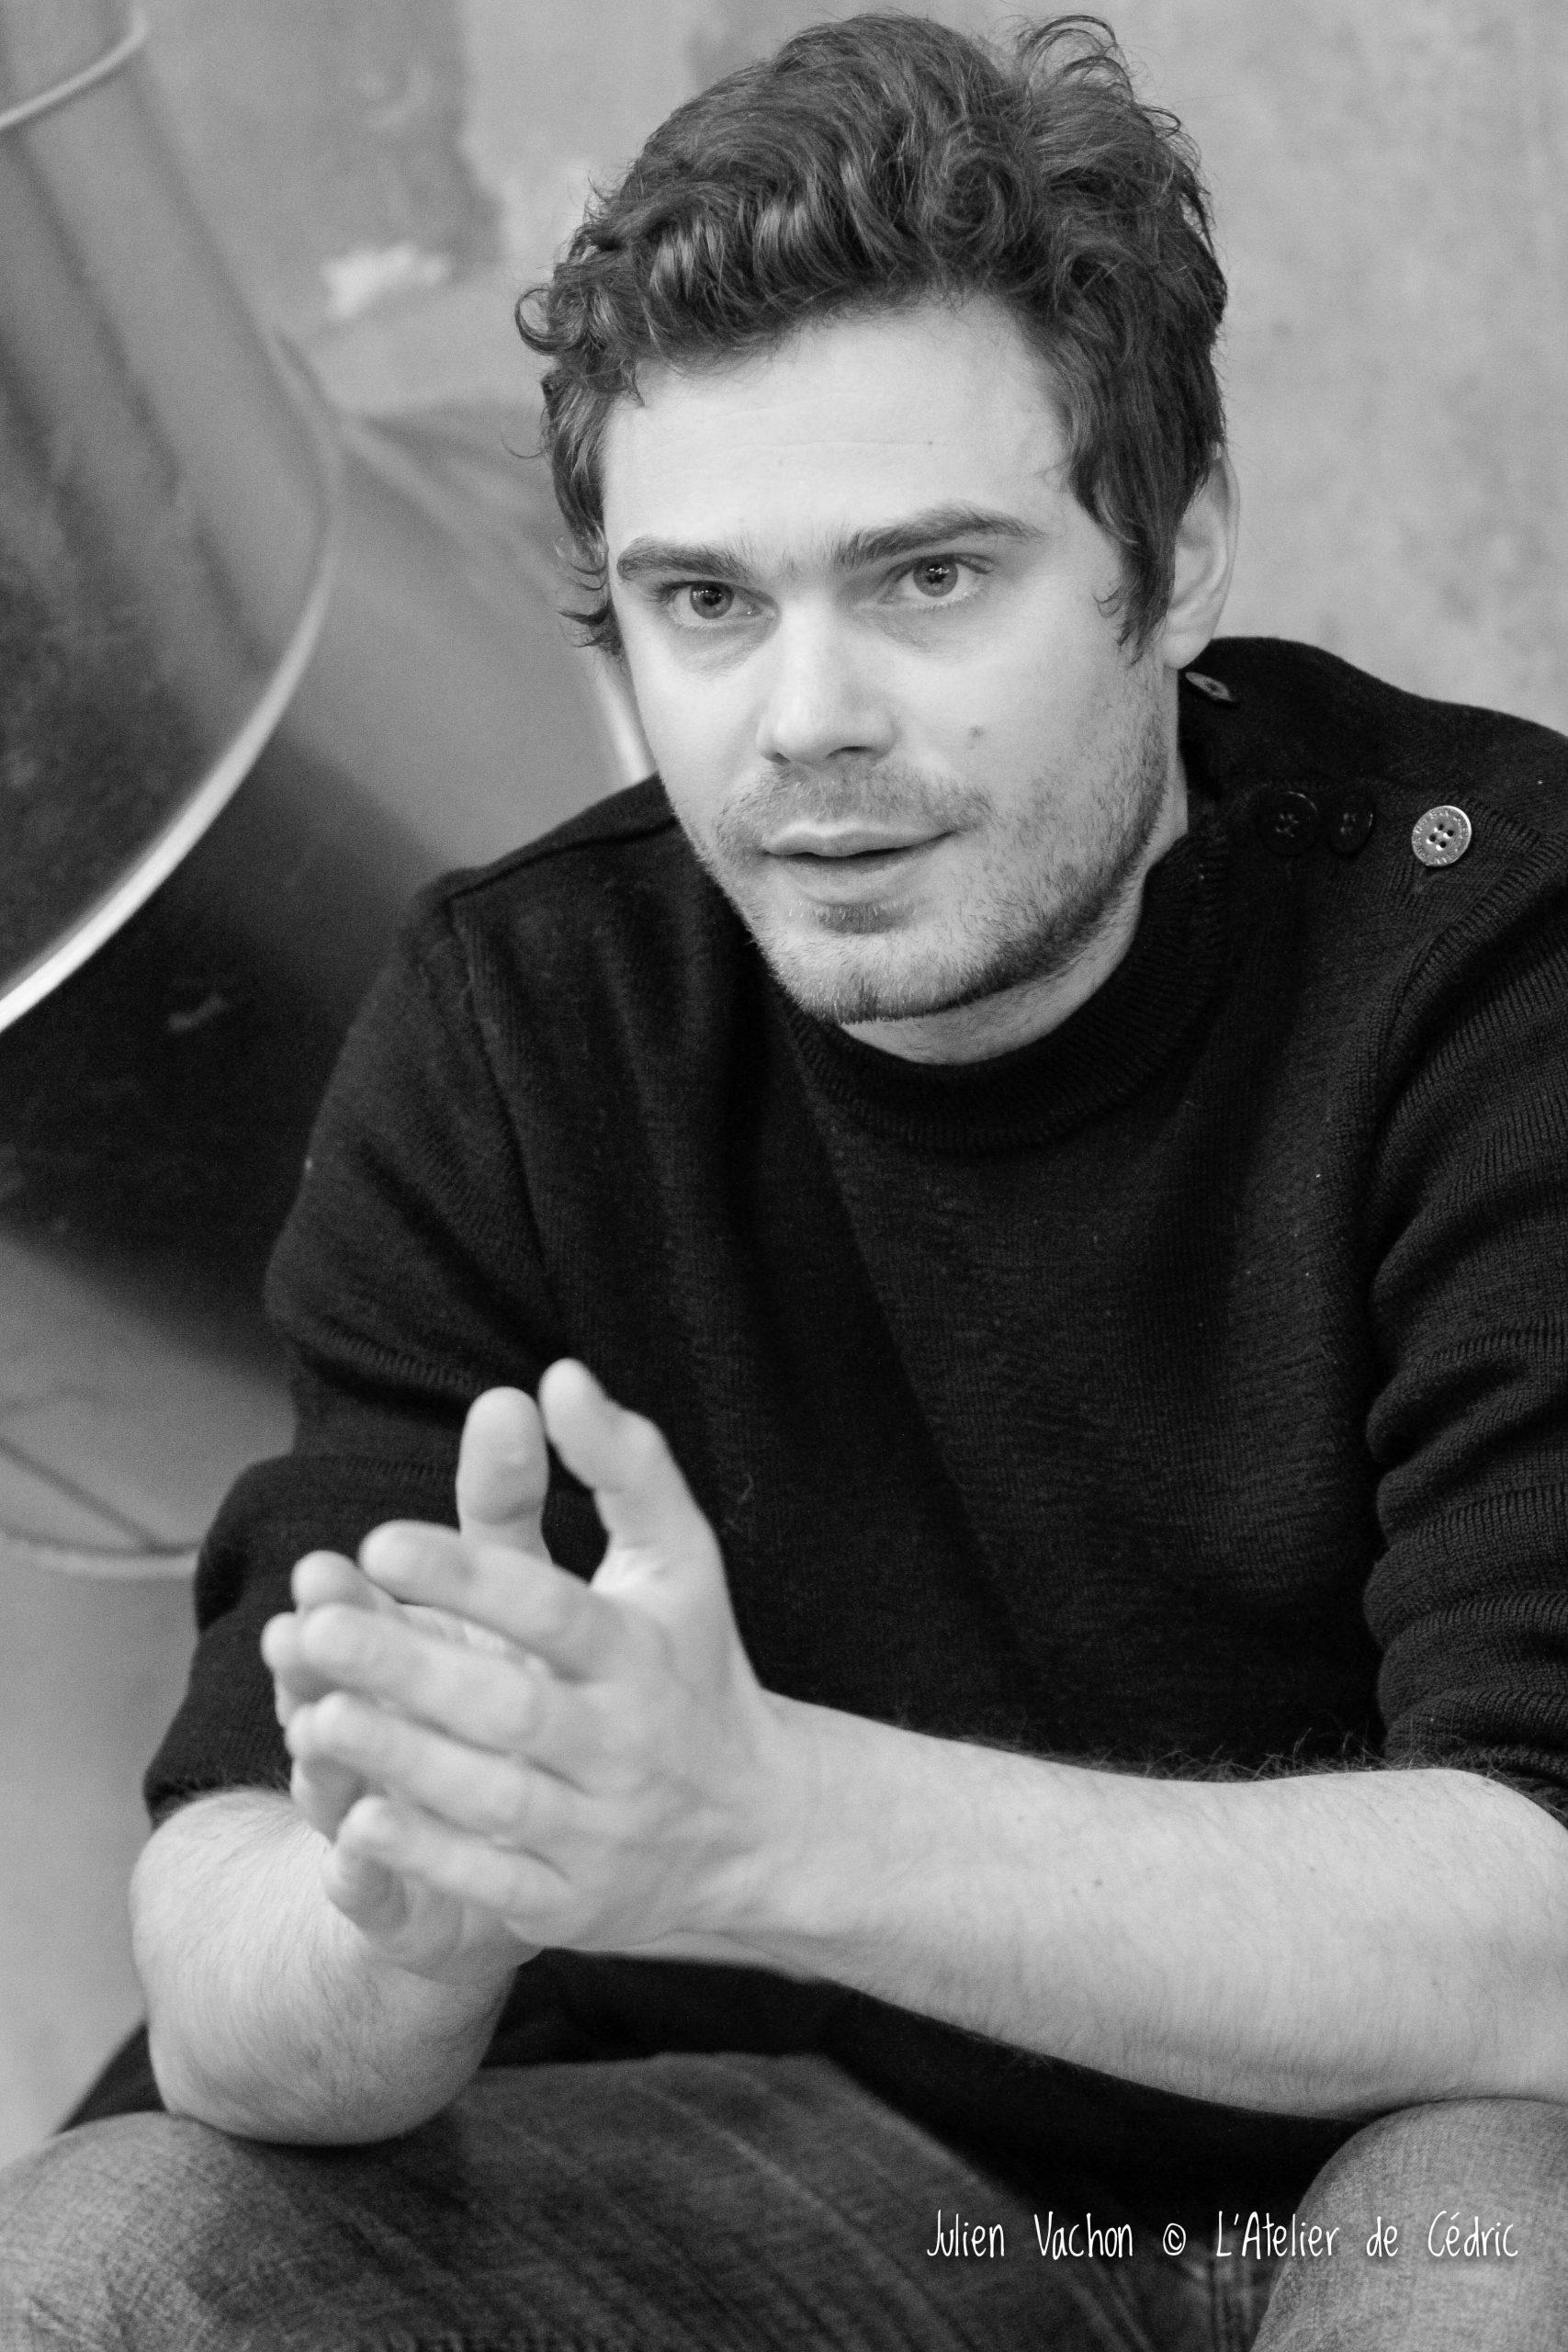 Thibaut Weiss - La Fête de l'Humanité